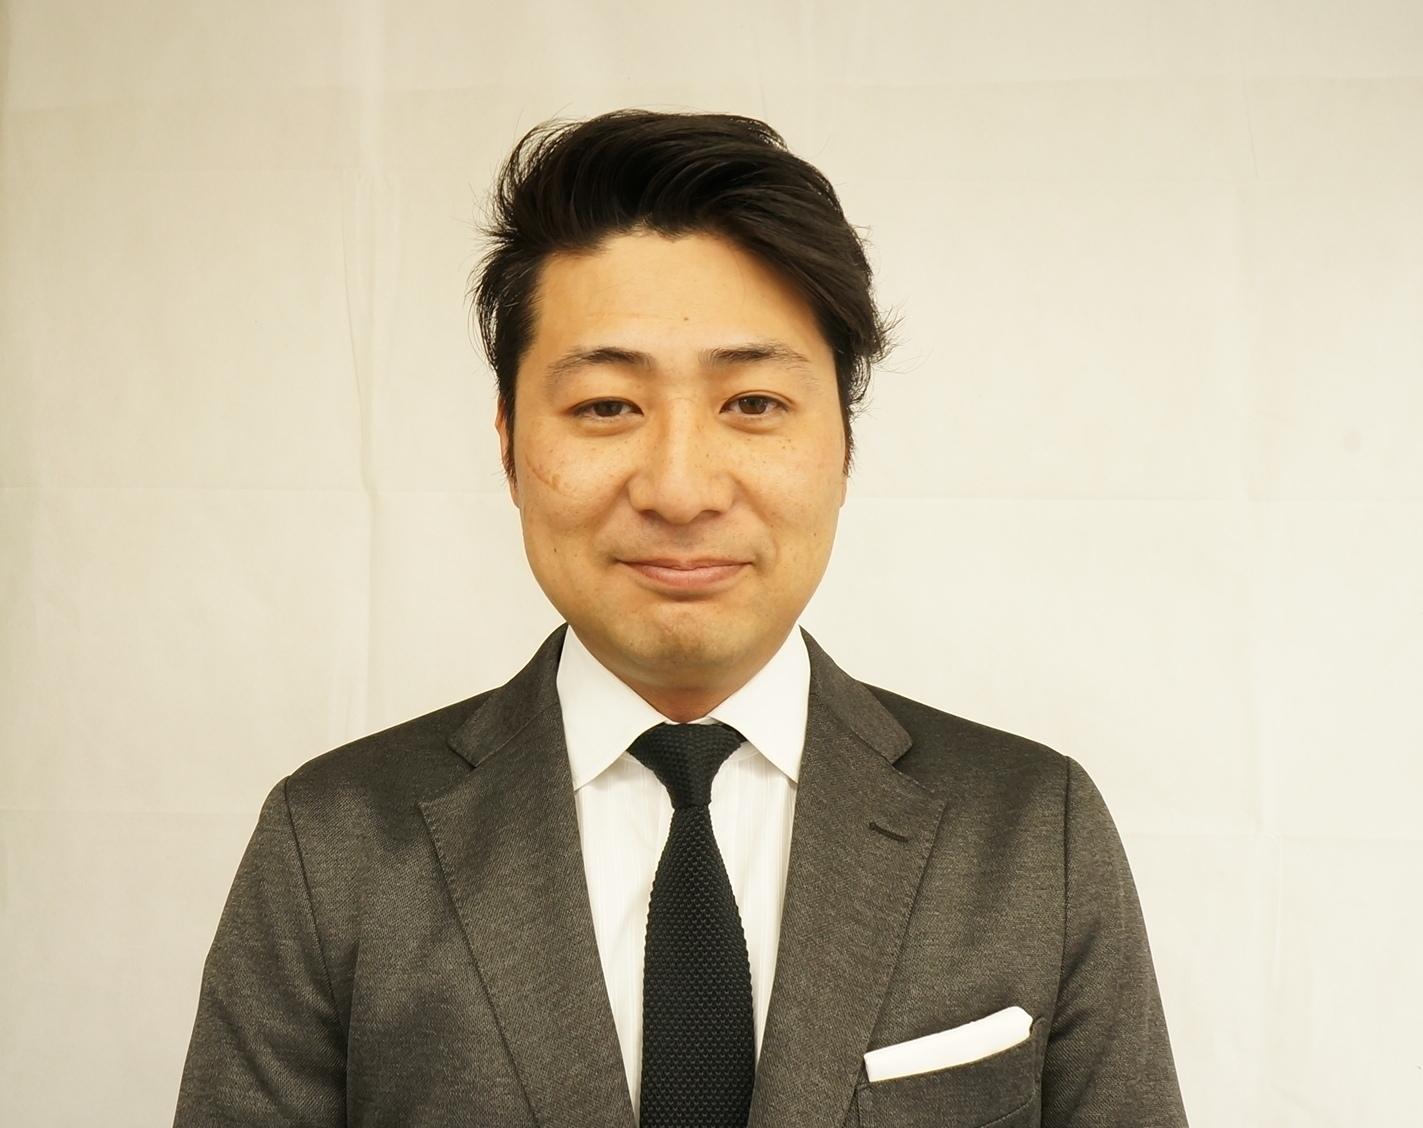 【工事担当】畠山 康明 【営業担当】寒河江 亮